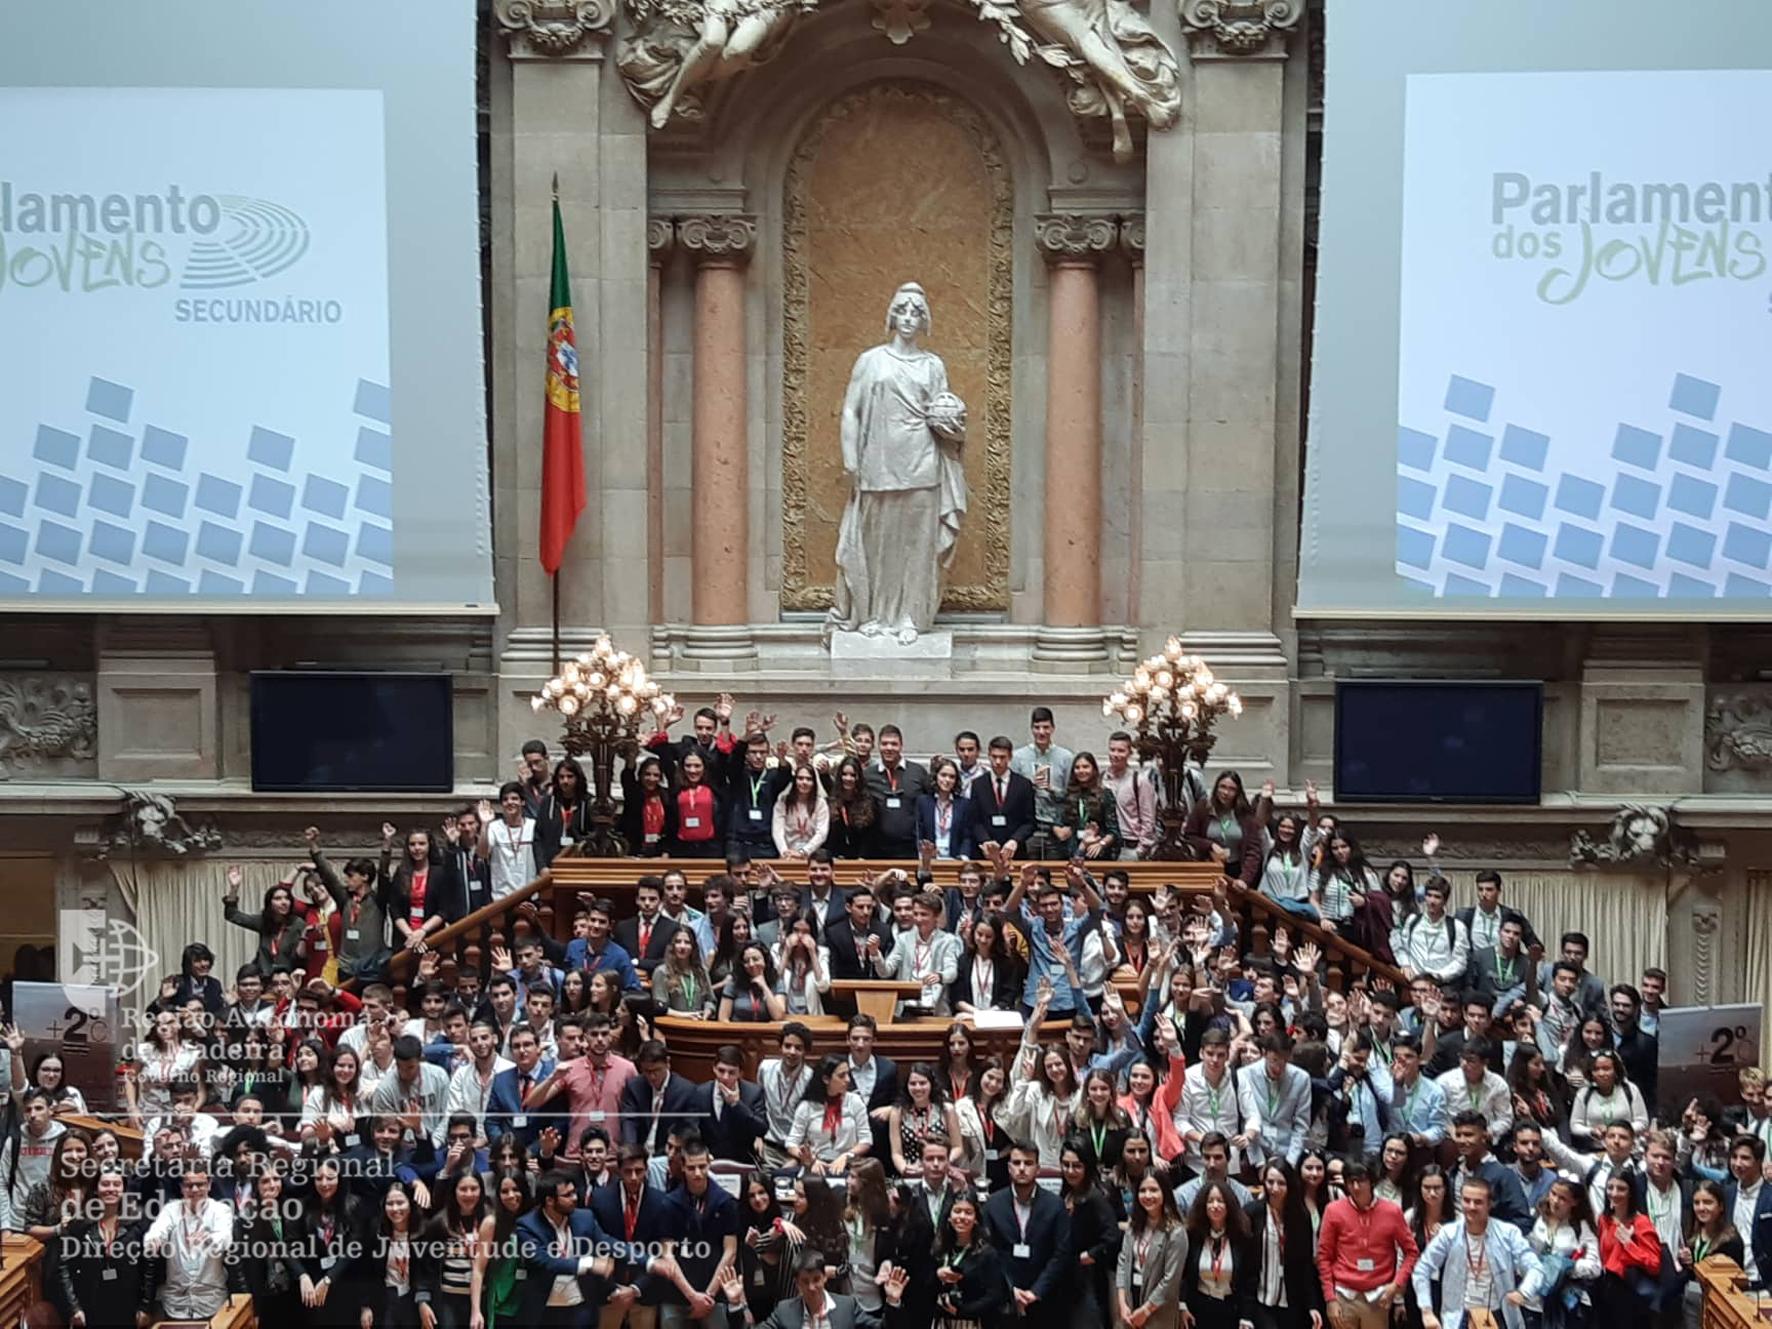 Jovens da Madeira e Porto Santo na Sessão Nacional do Parlamento dos Jovens